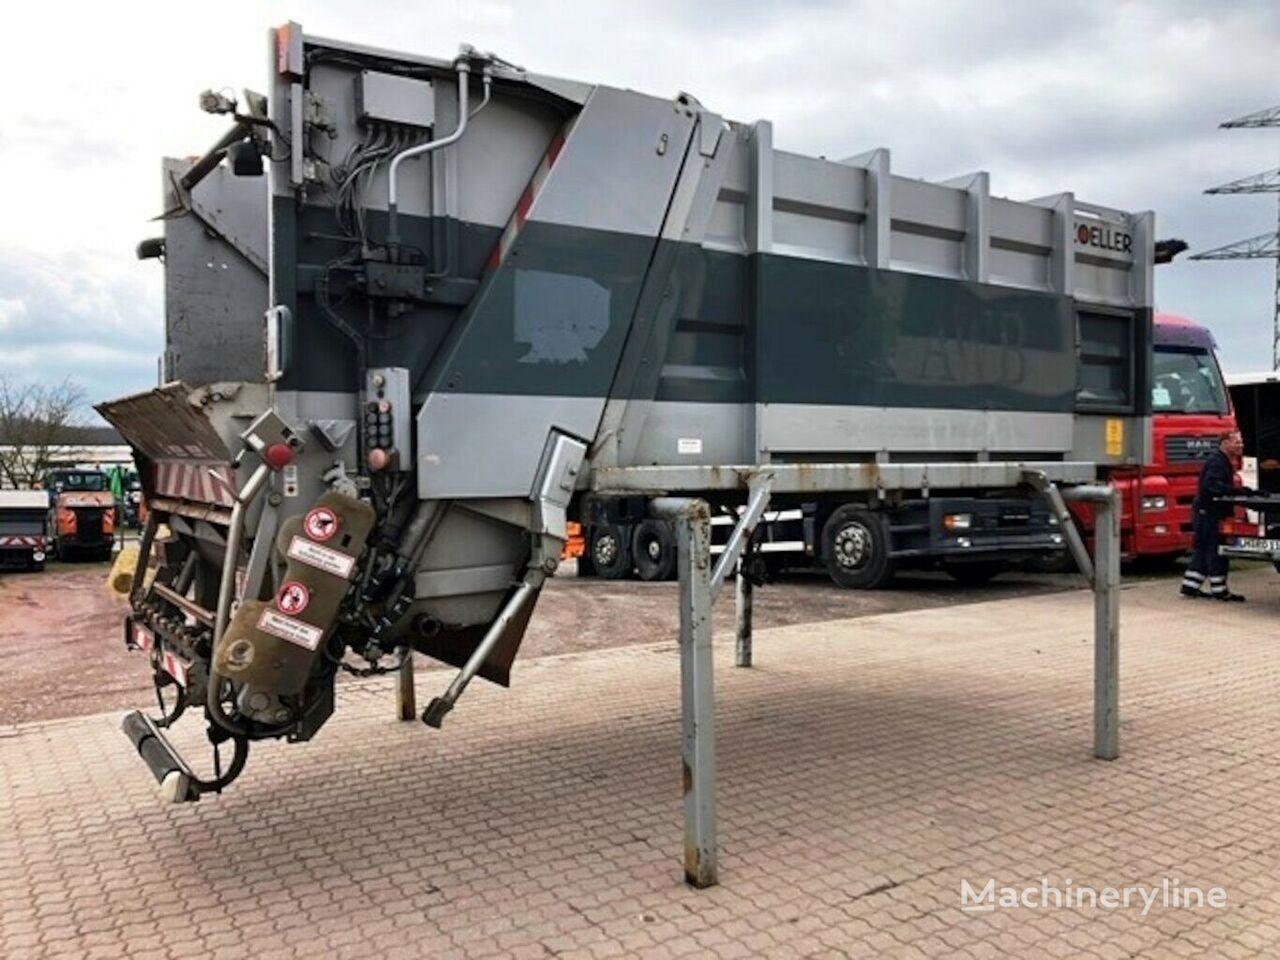 Zoeller Müllaufbau Mini 11 mit Zöller MGHK 249 carrocería para camión de basura